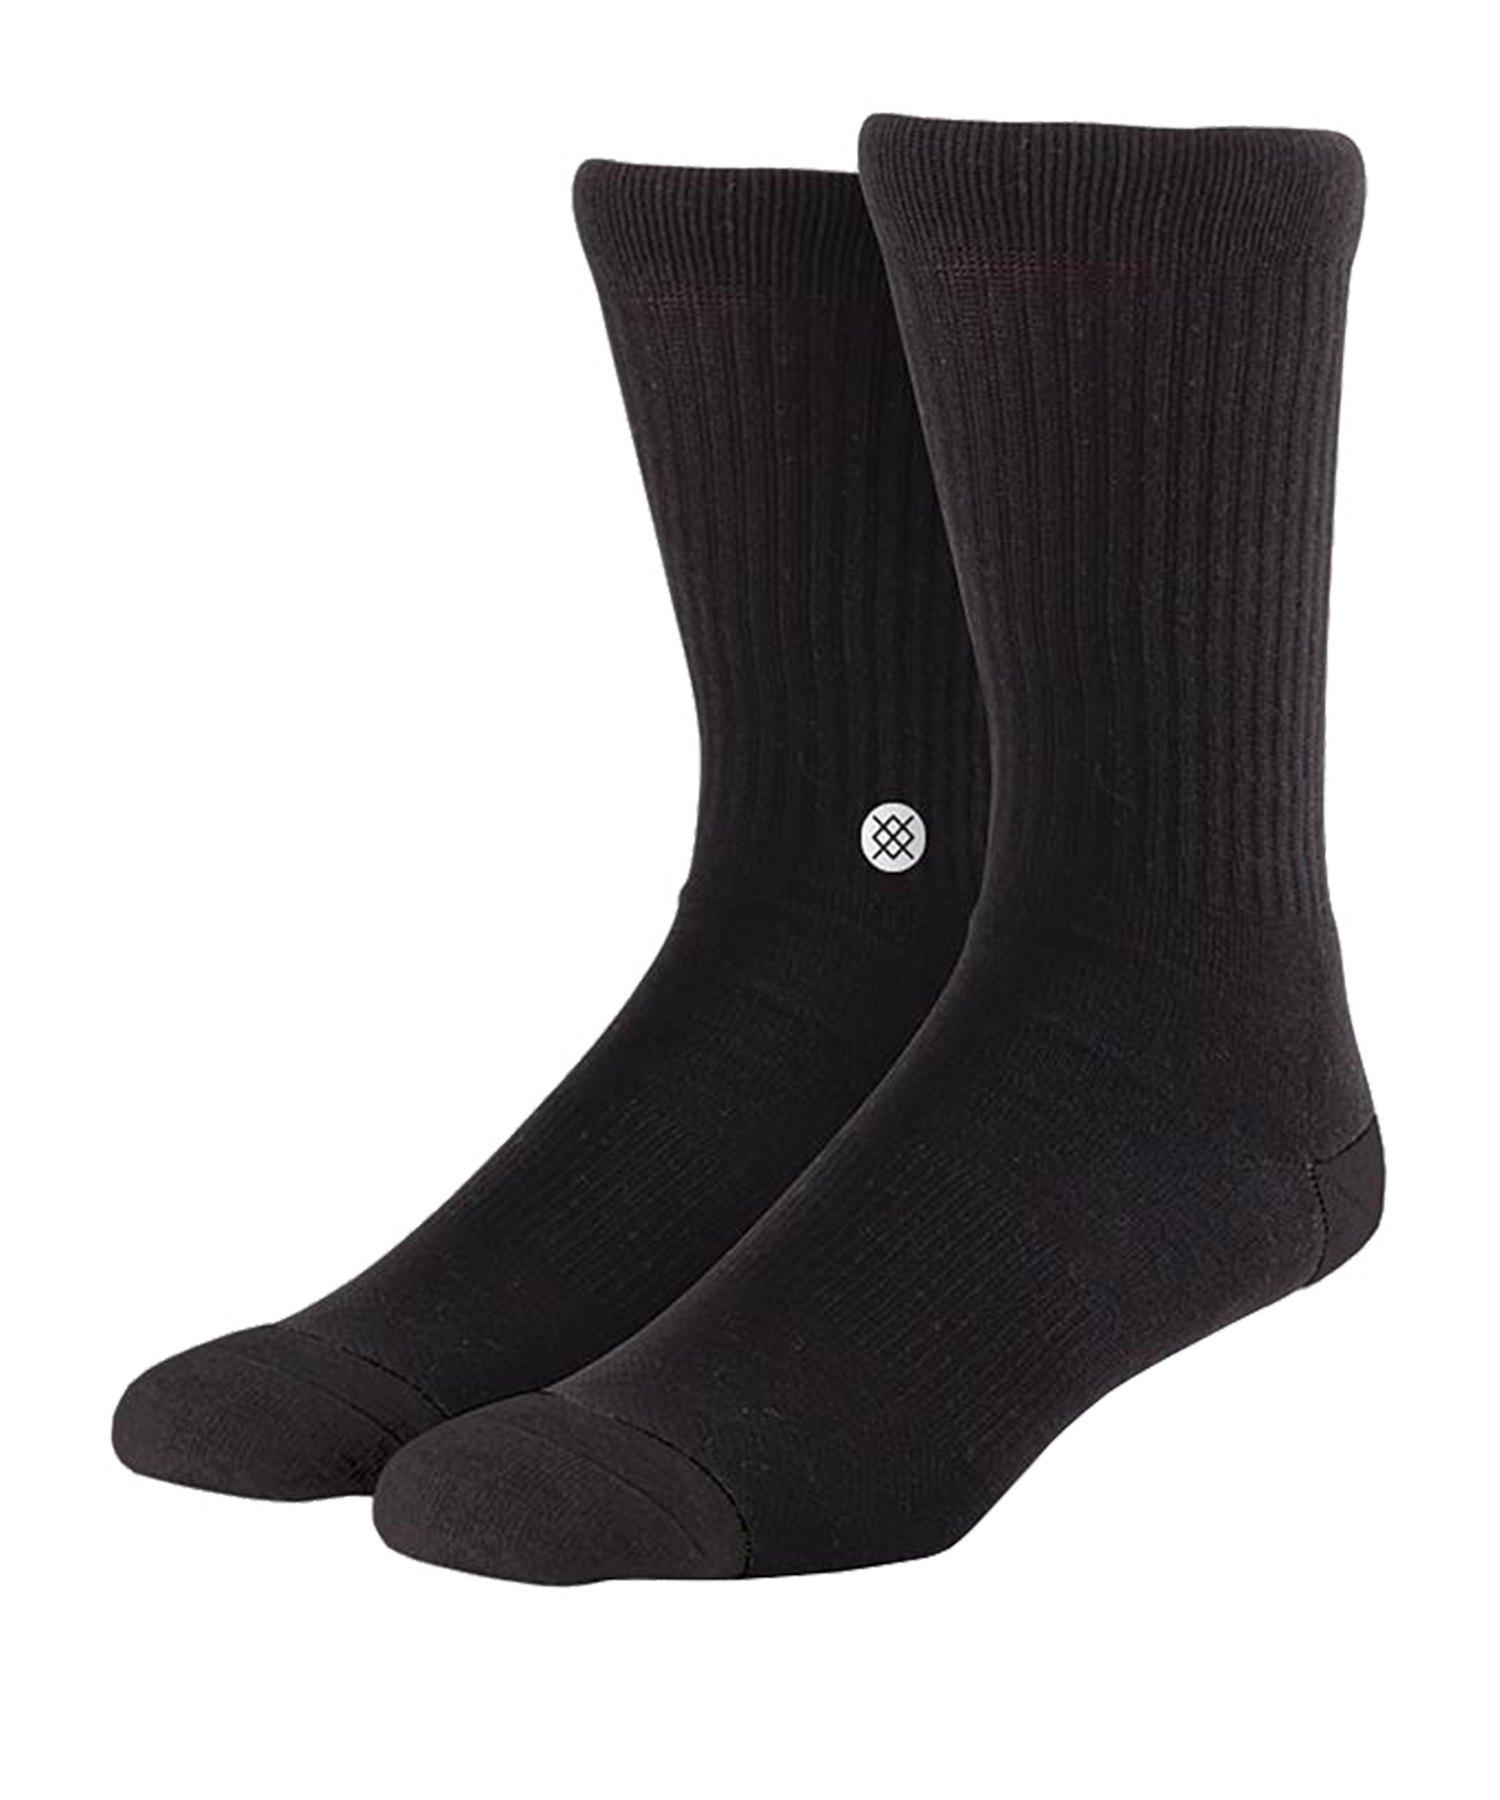 Stance Uncommon Solids Icon Socks 3er Pack Schwarz - schwarz